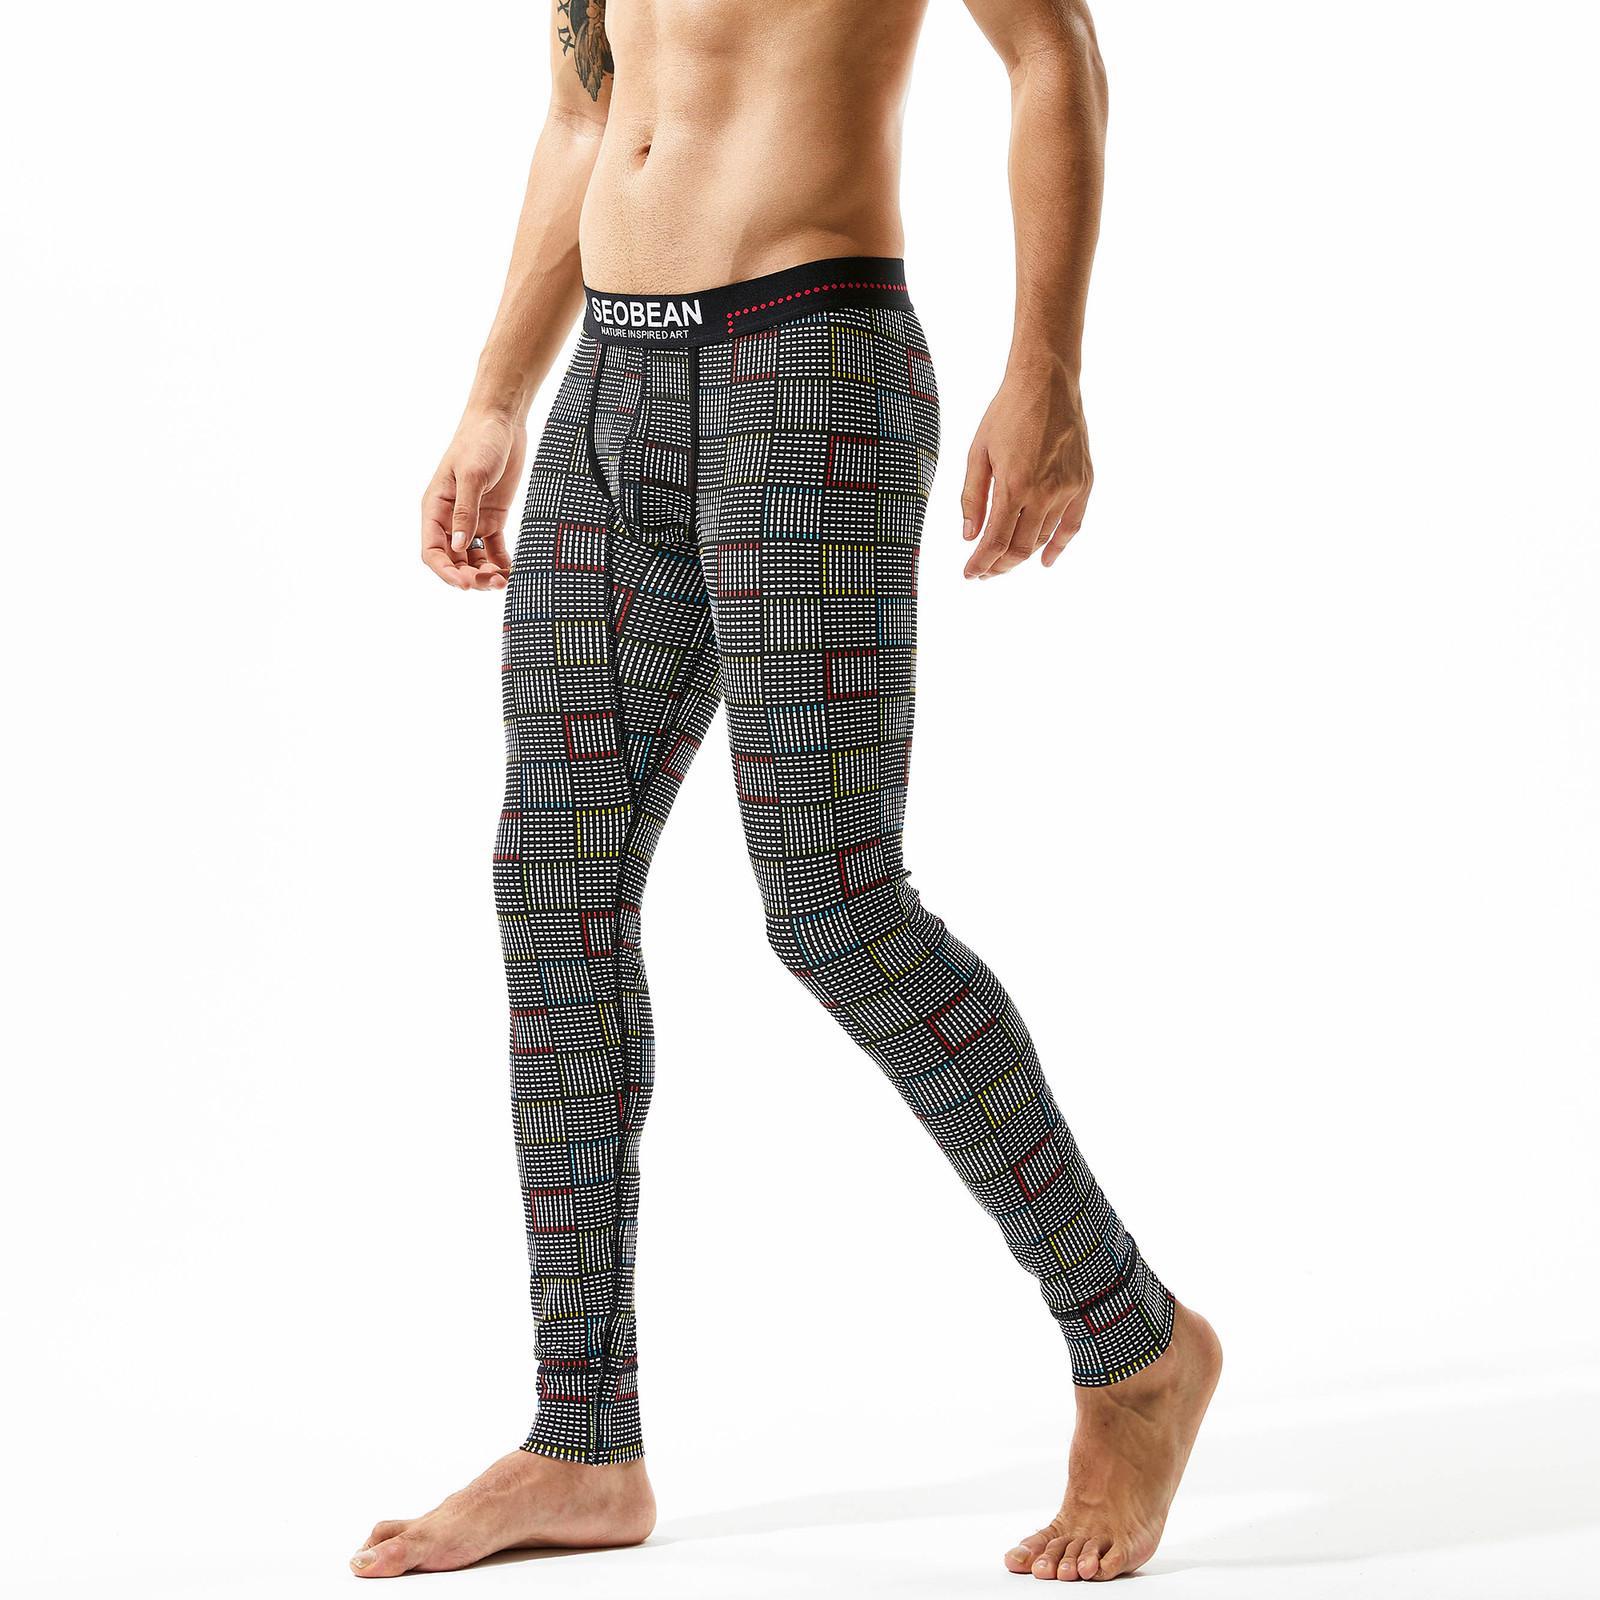 Erkek Ekose Uzun Johns Kış Sonbahar Iç Çamaşırı Rahat Pamuk Sıcak Termal Külot Tayt Erkek Tayt